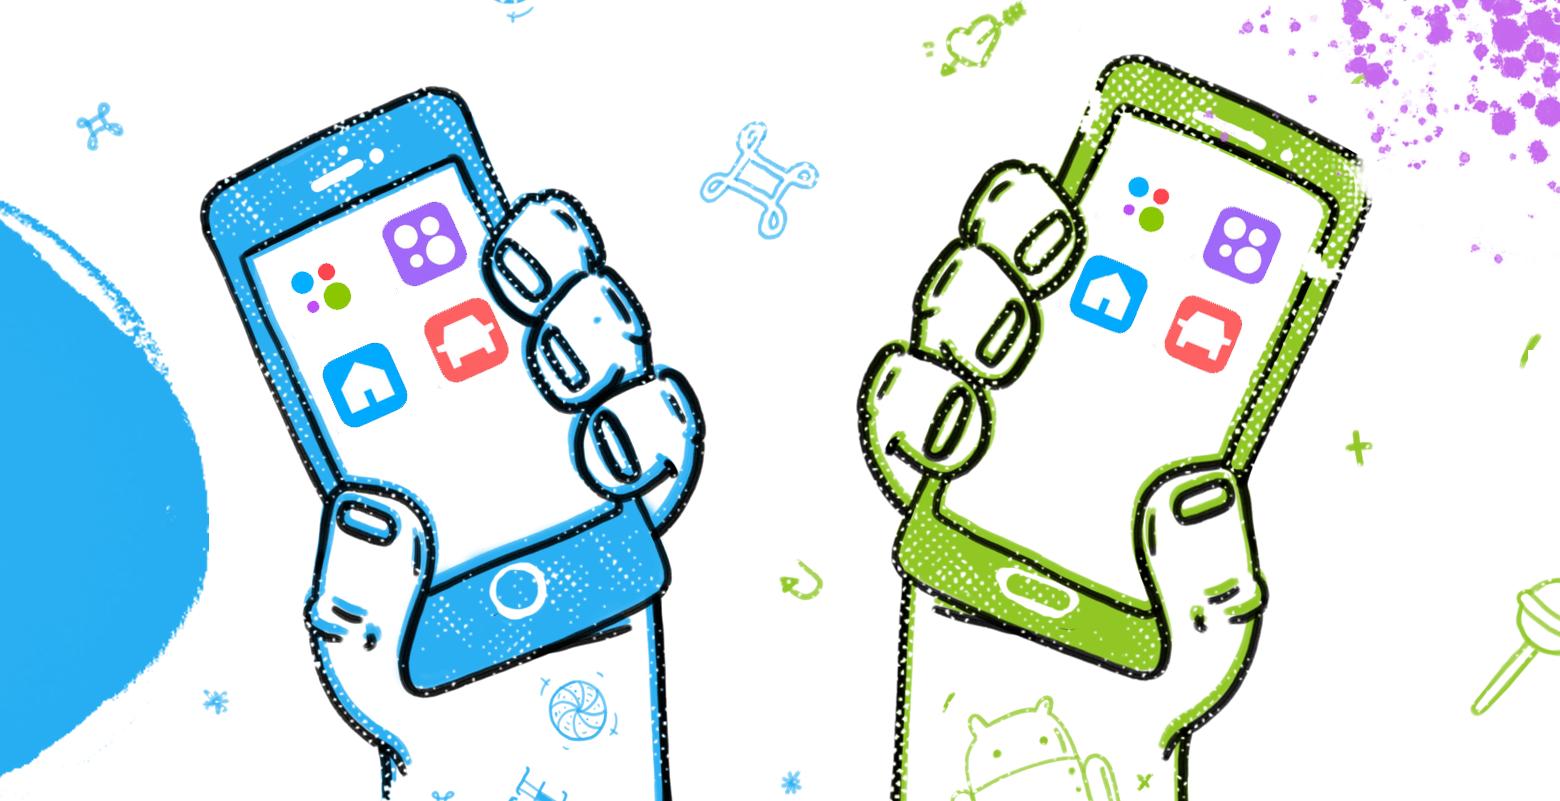 «Наше приложение как ТАРДИС: внутри больше, чем кажется снаружи» — Avito о мобильной разработке - 1